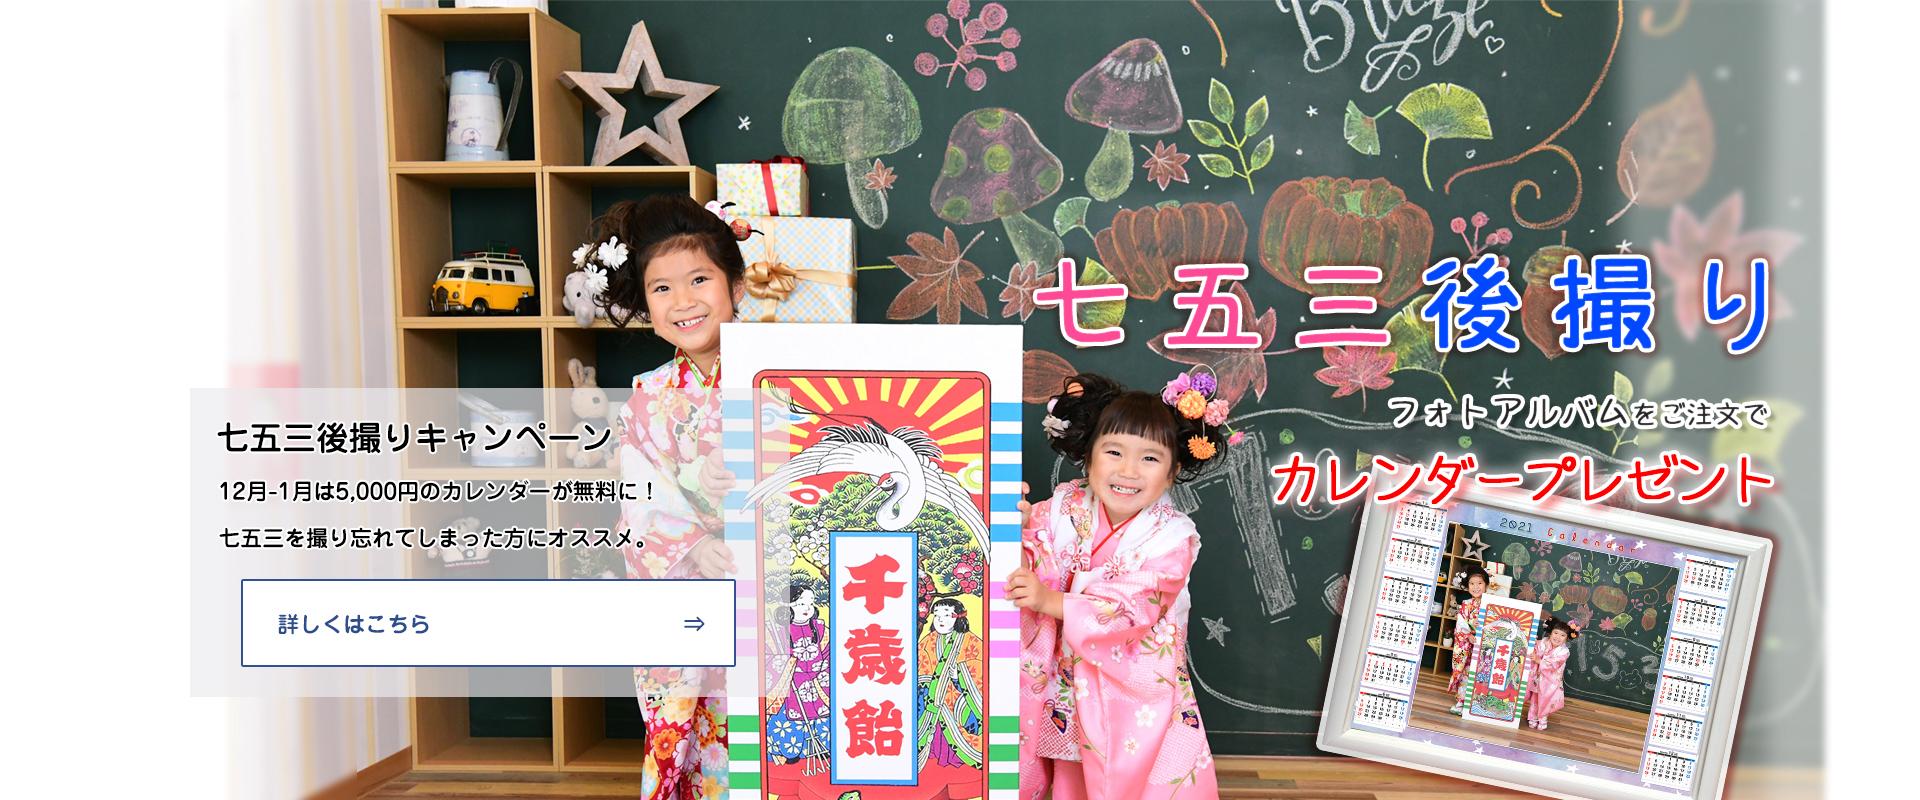 七五三後撮りキャンペーン フォトアルバムご注文で通常5,000円のカレンダー無料プレゼント!